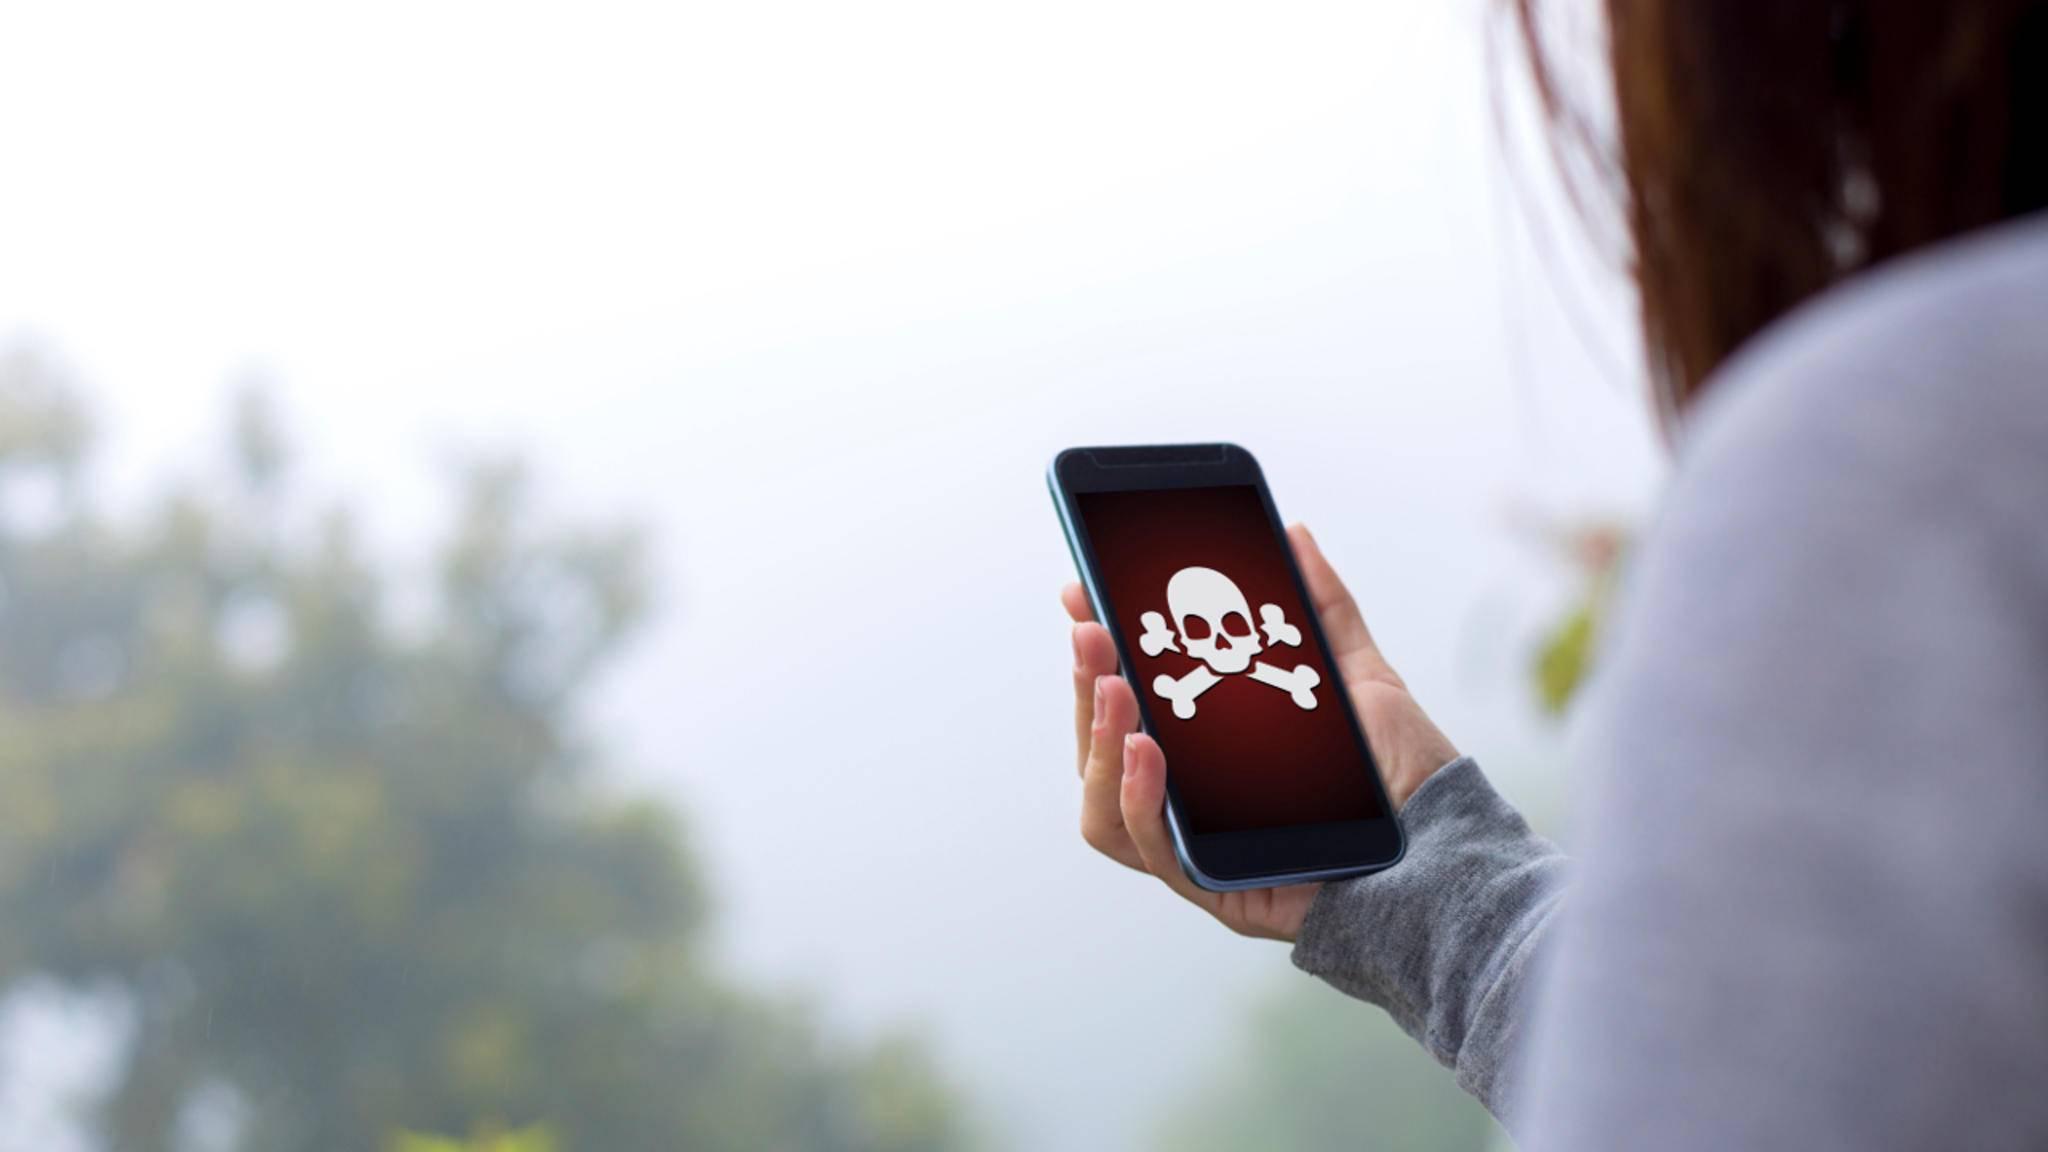 Angeblich soll China Anfang der Woche Telegram mit einer DDos-Attacke lahmgelegt haben.